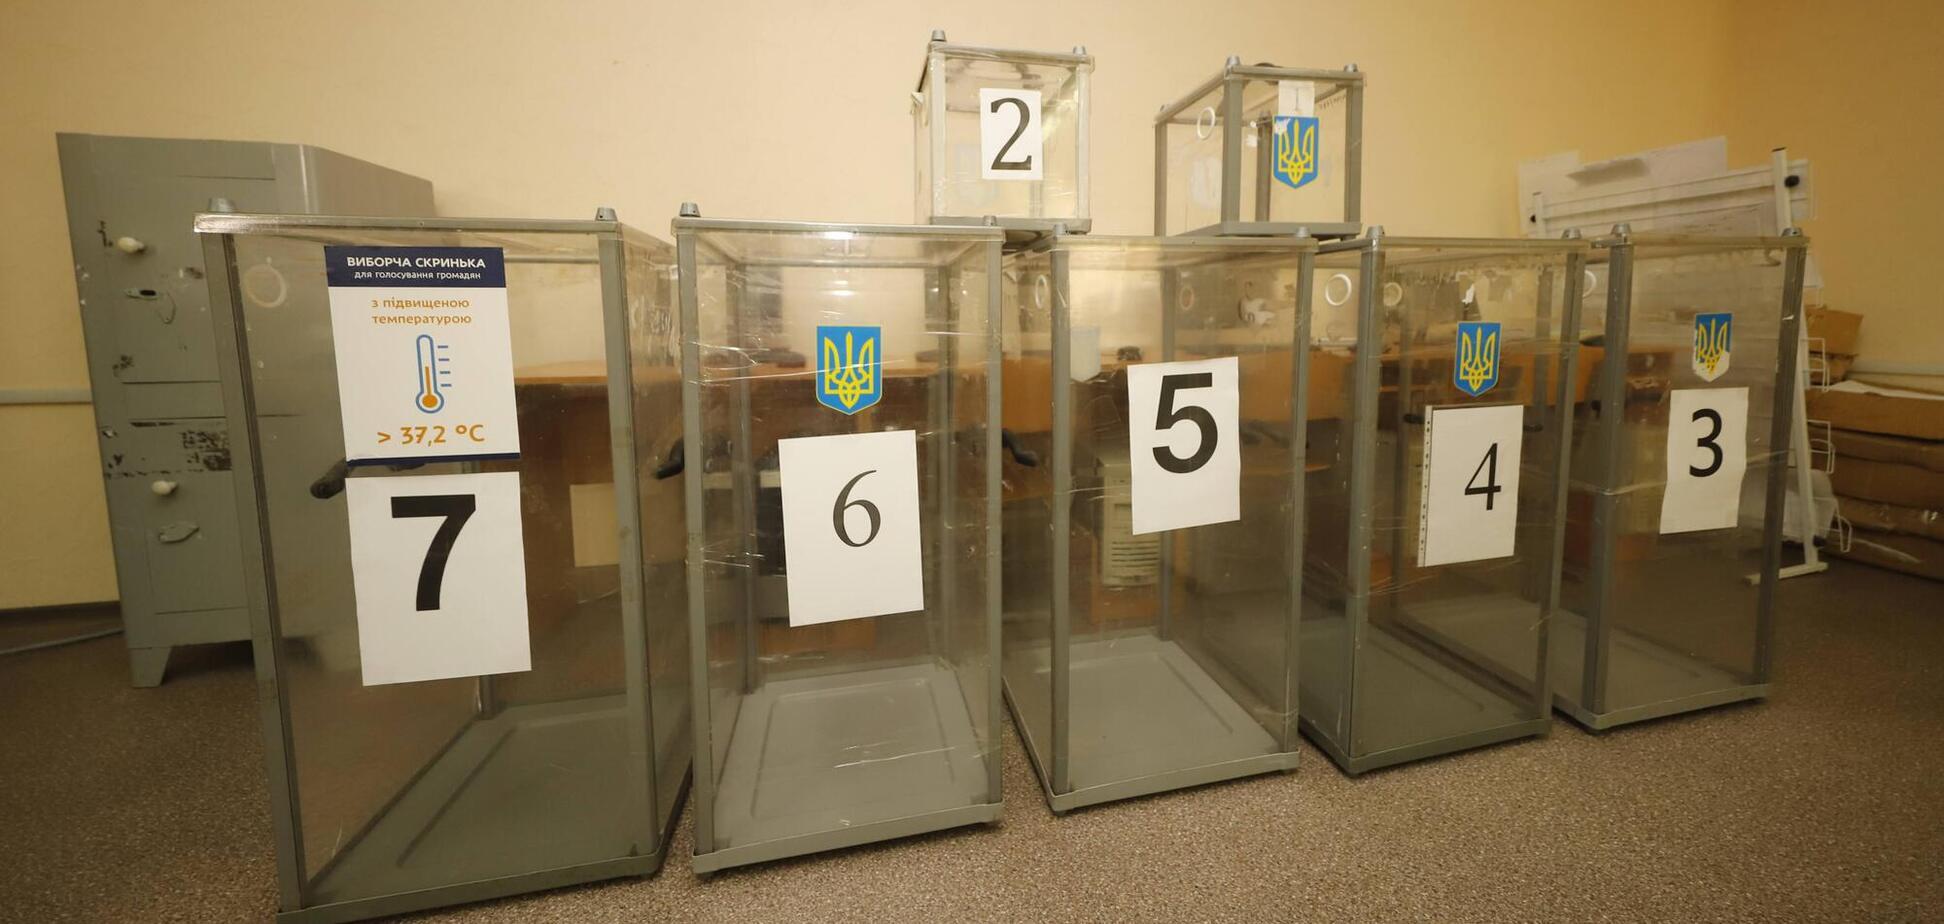 Виборчі дільниці у Дніпрі готові до безпечних виборів